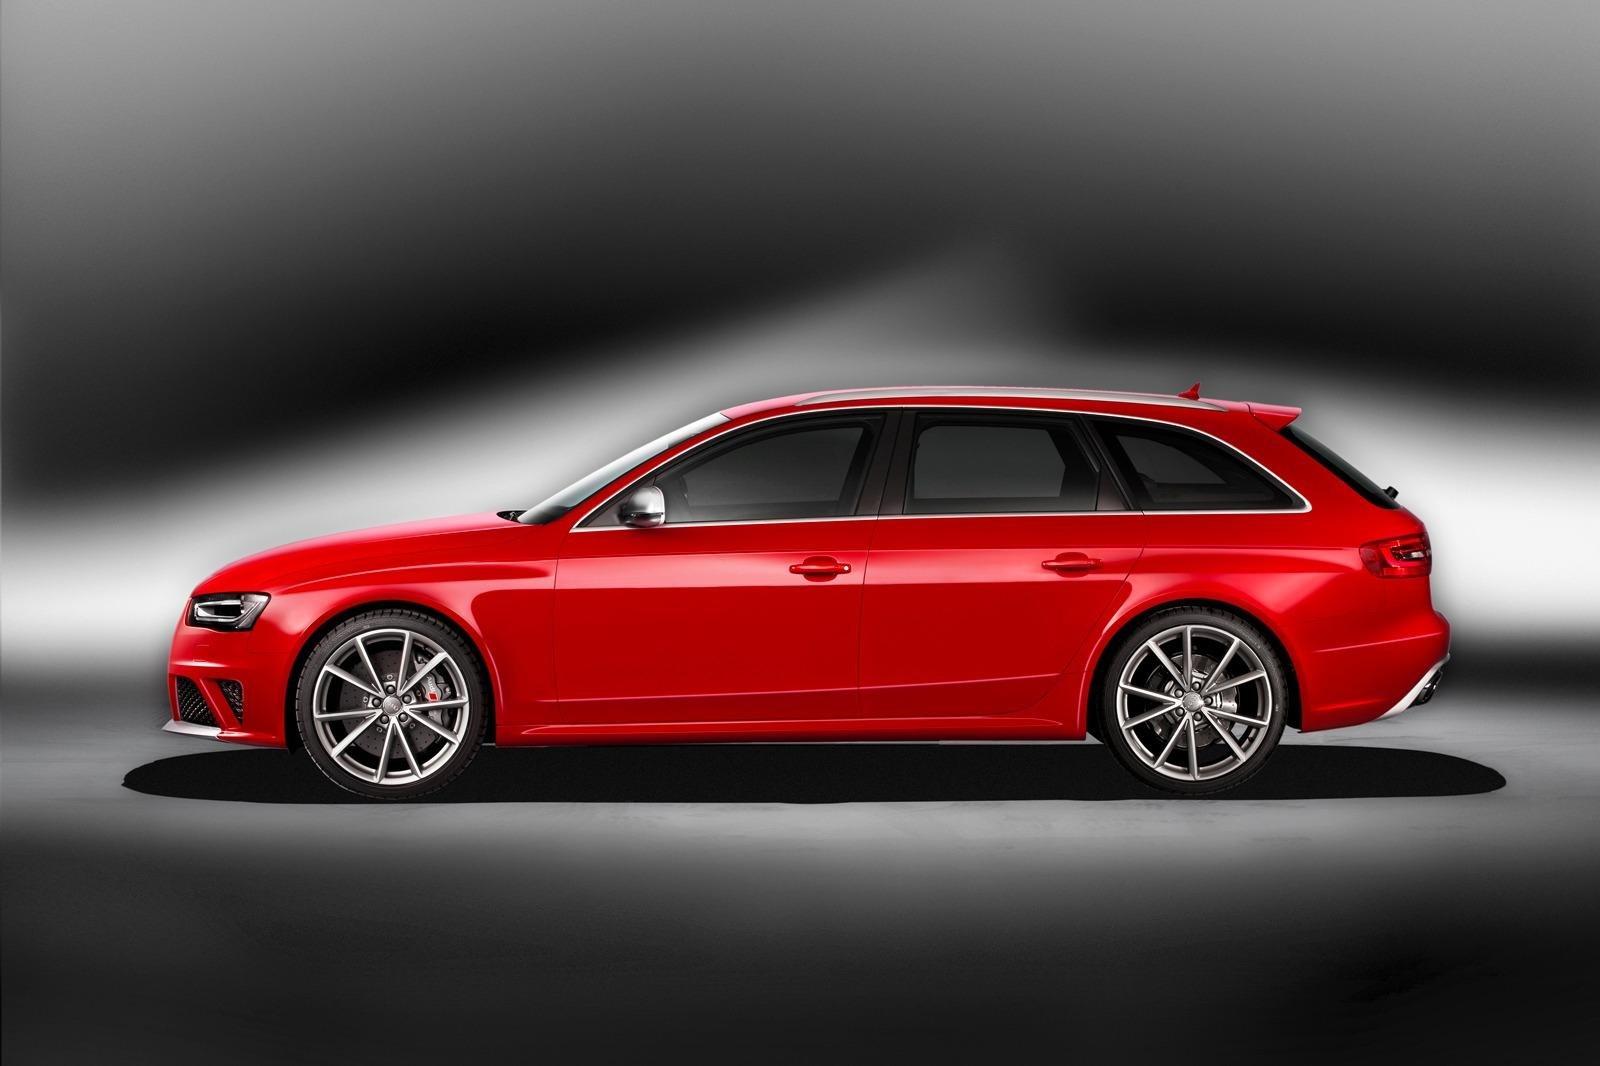 2012款奥迪rs4旅行车 v8引擎 日内瓦发布